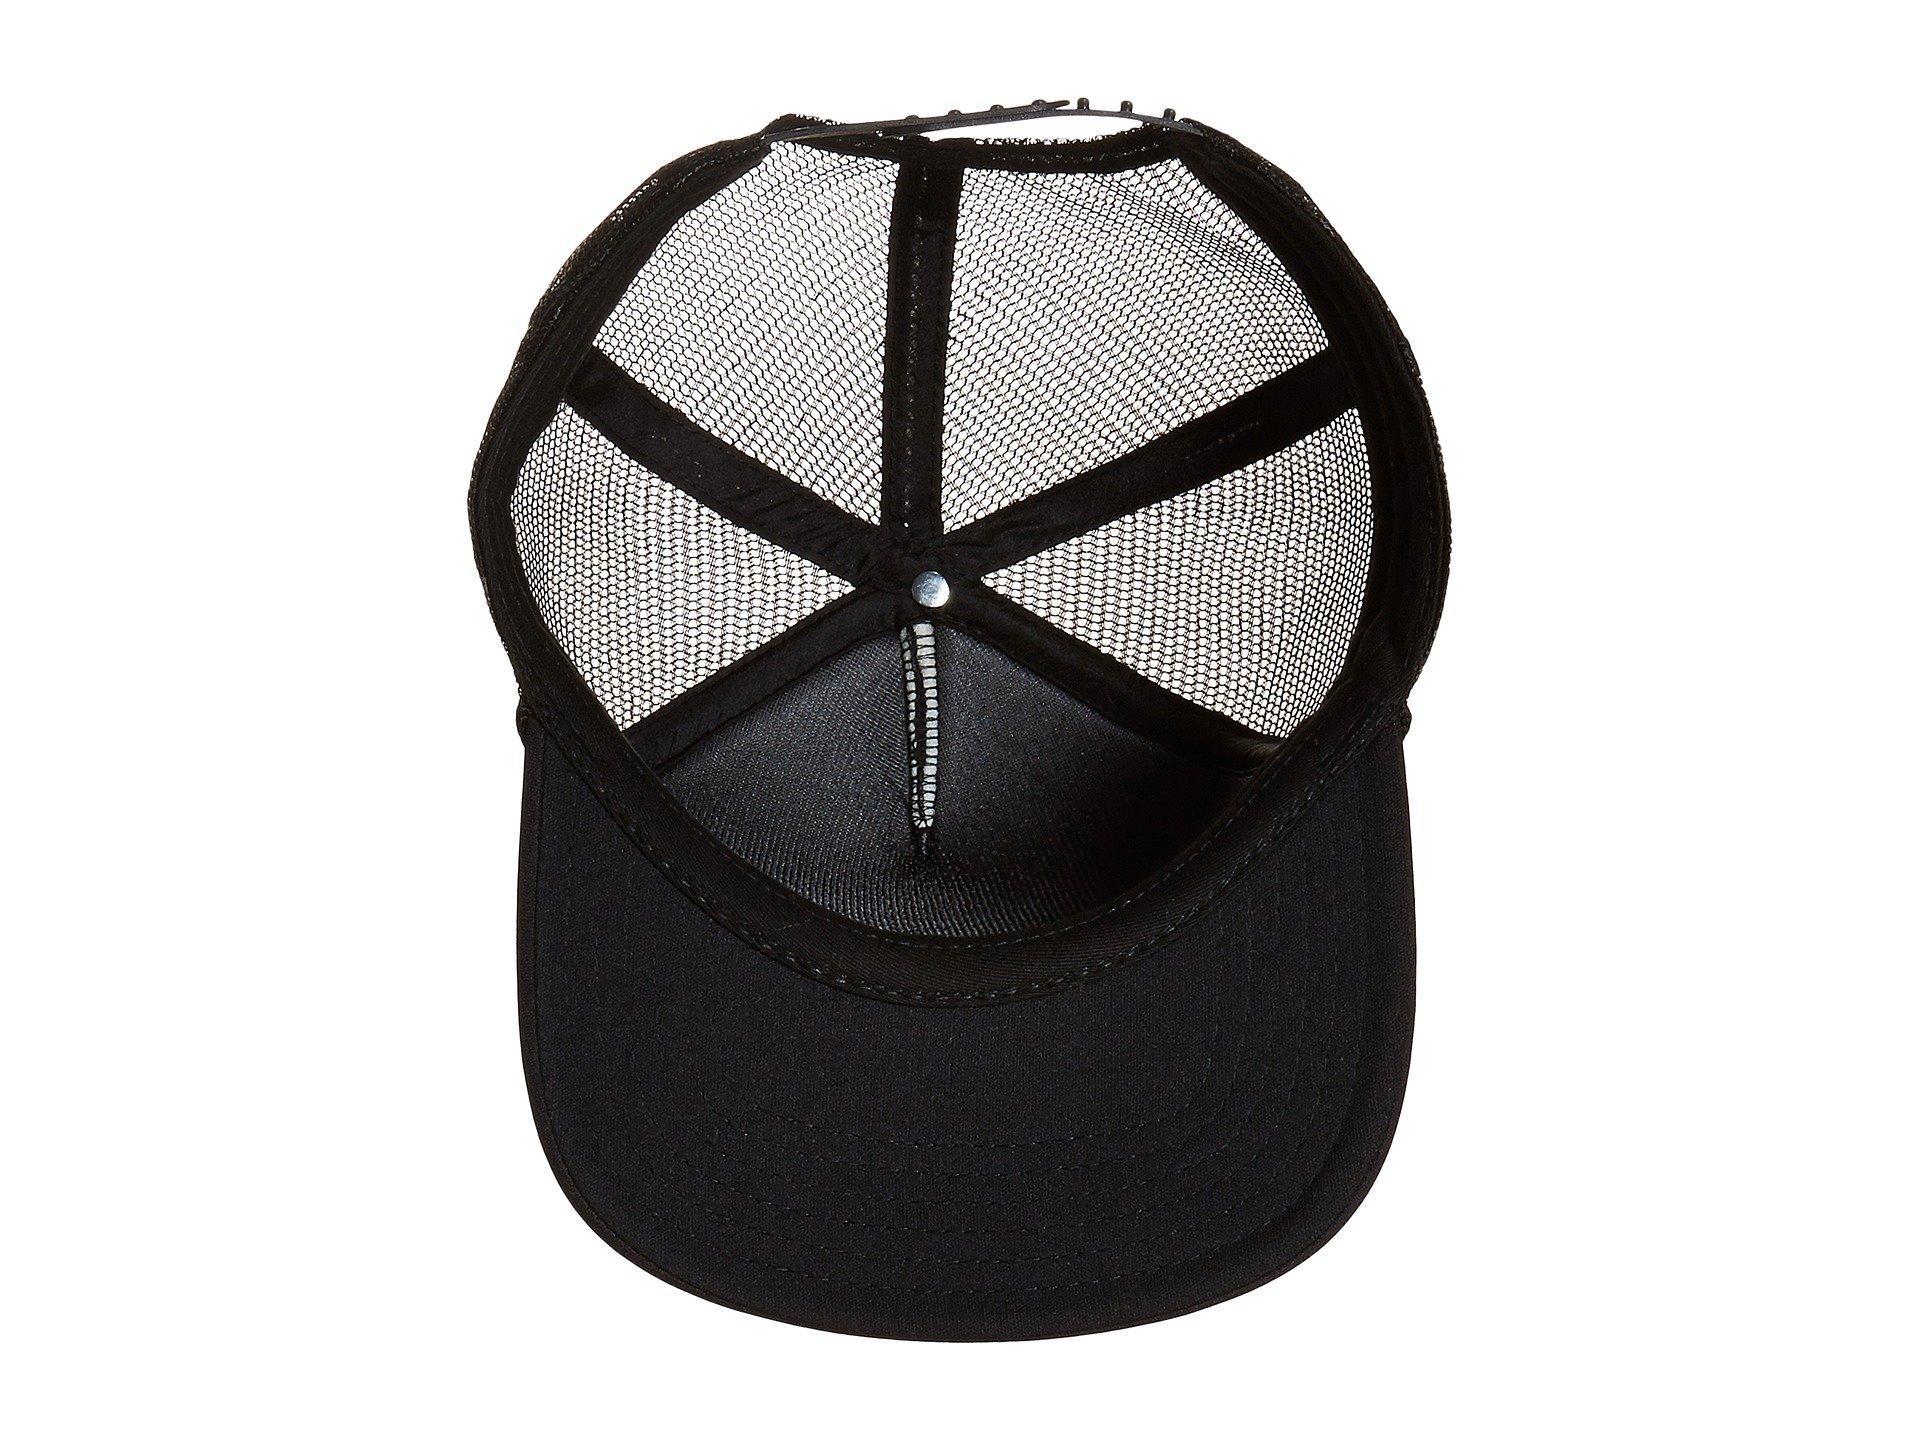 f574fae6b2d32 Black Diamond Flat Bill Trucker Hat (black/black) Caps in Green for ...